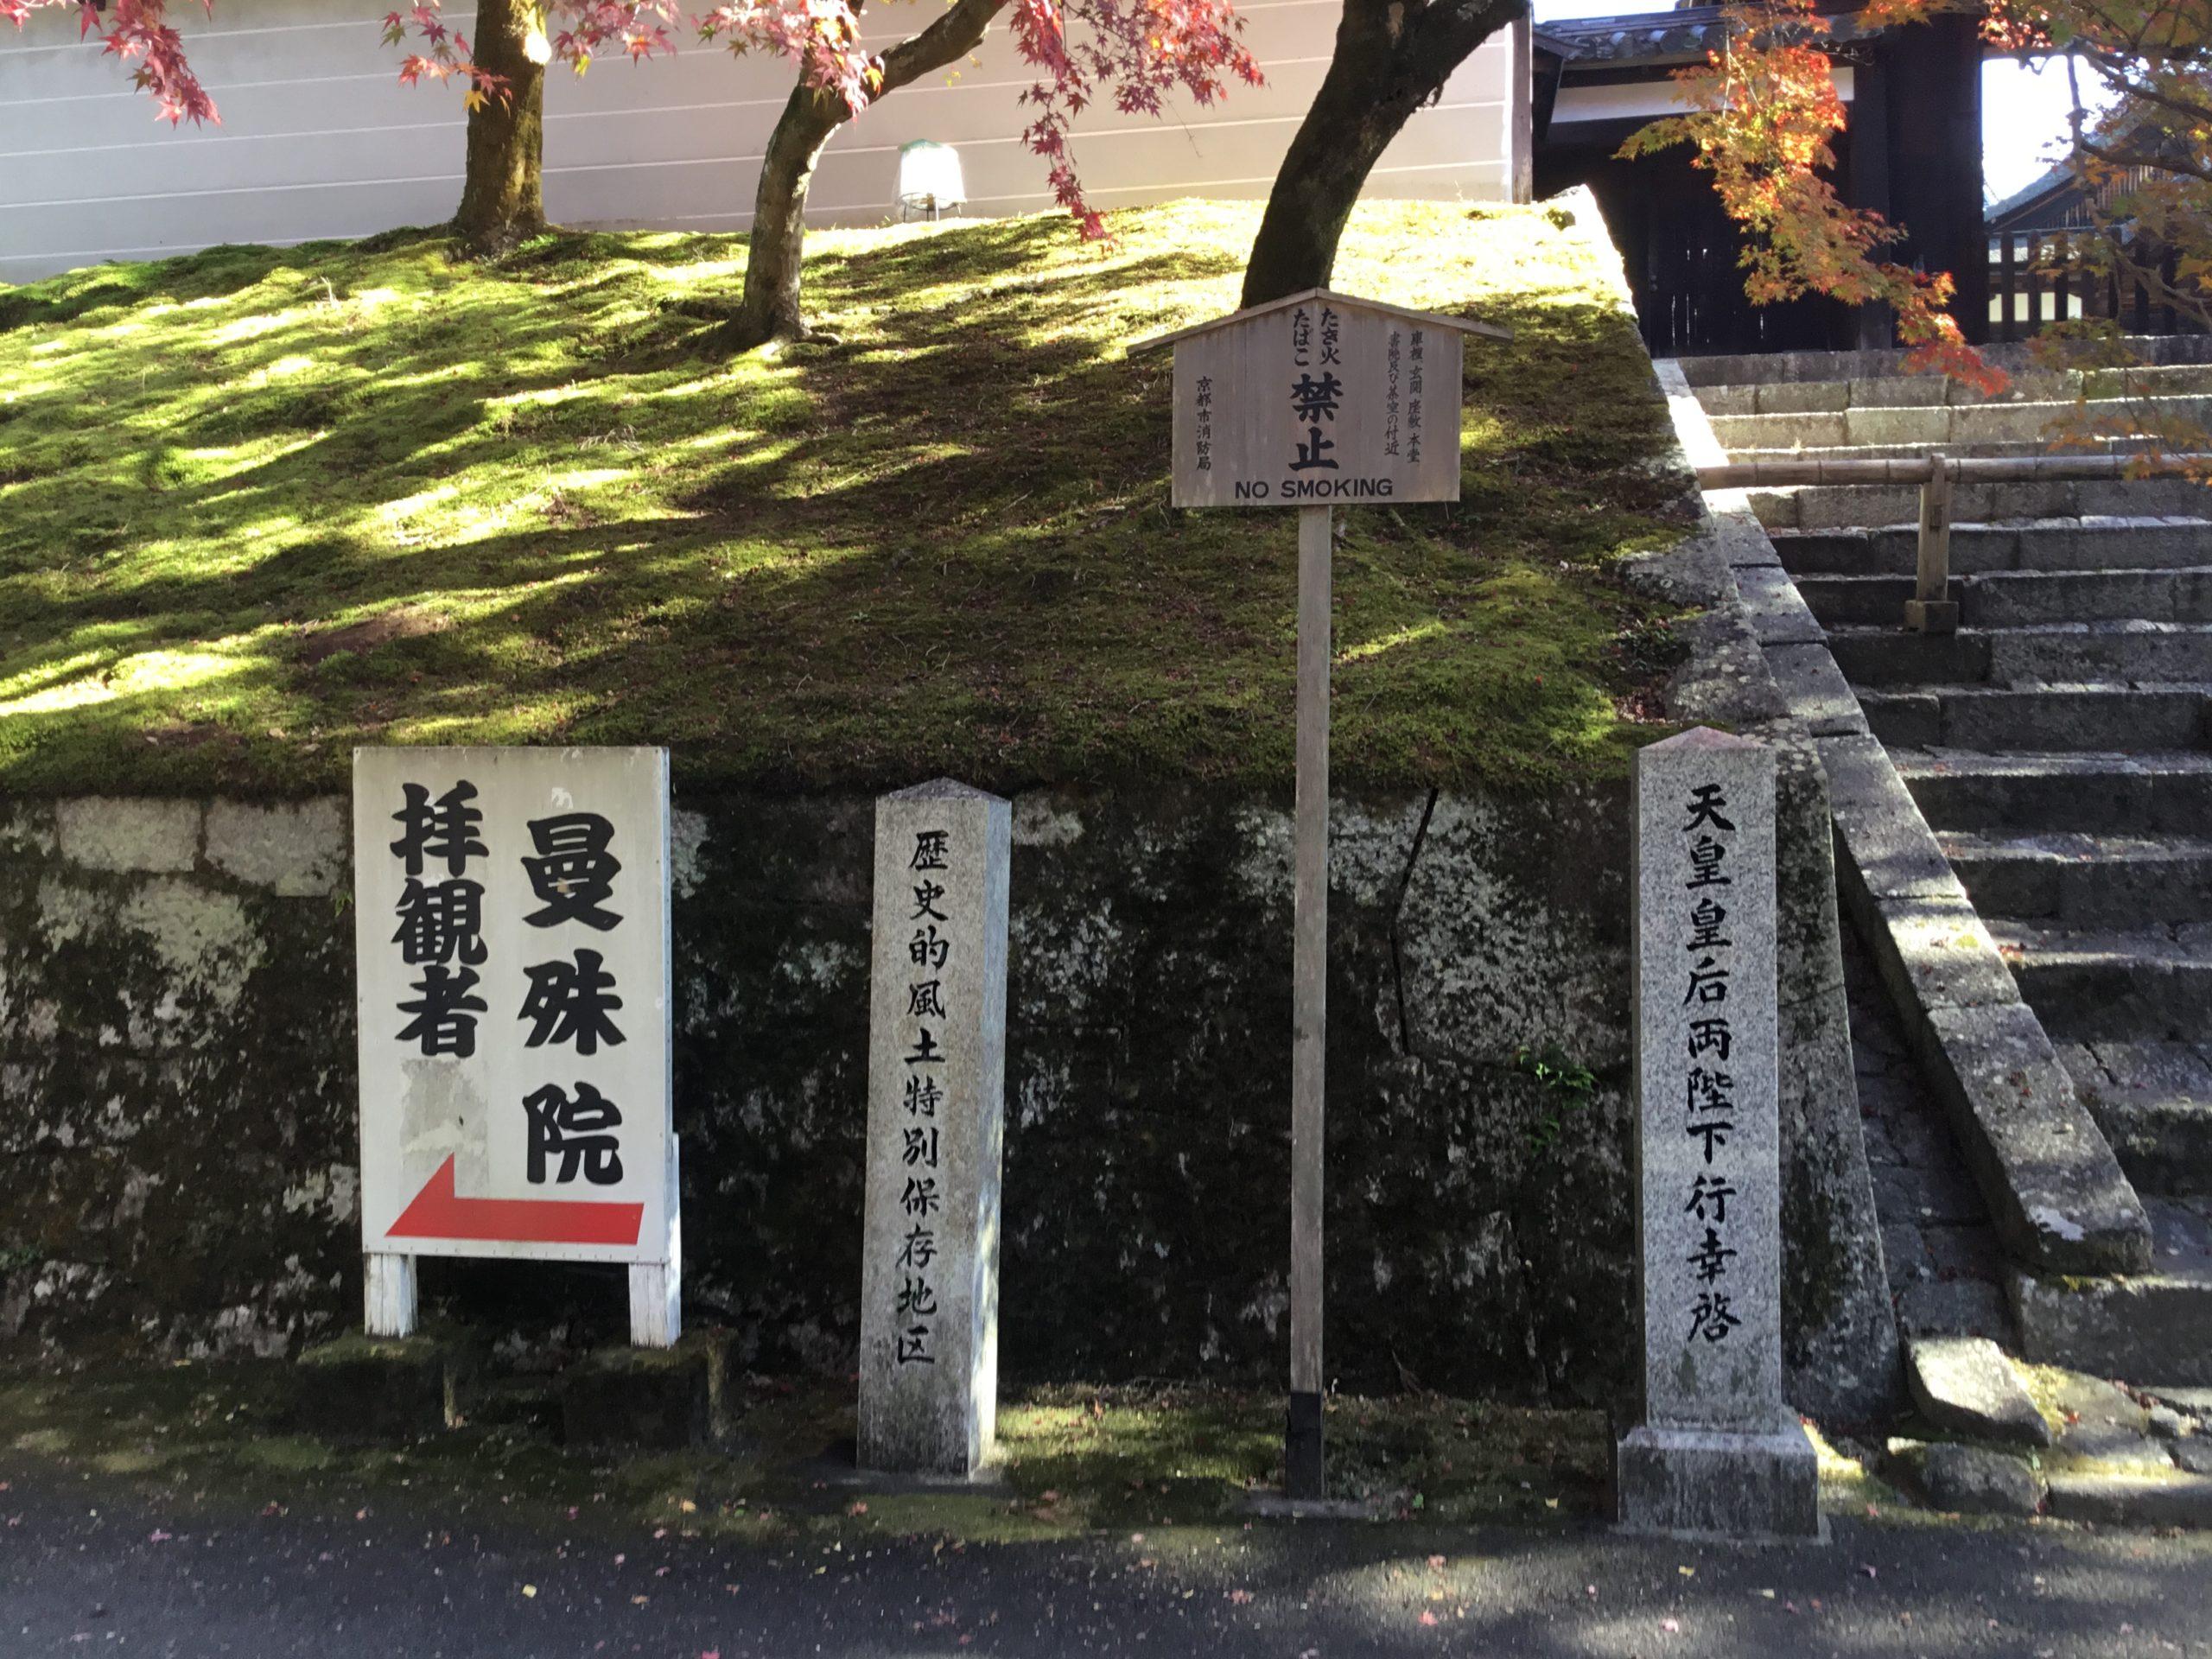 京都紅葉巡り・曼殊院門跡